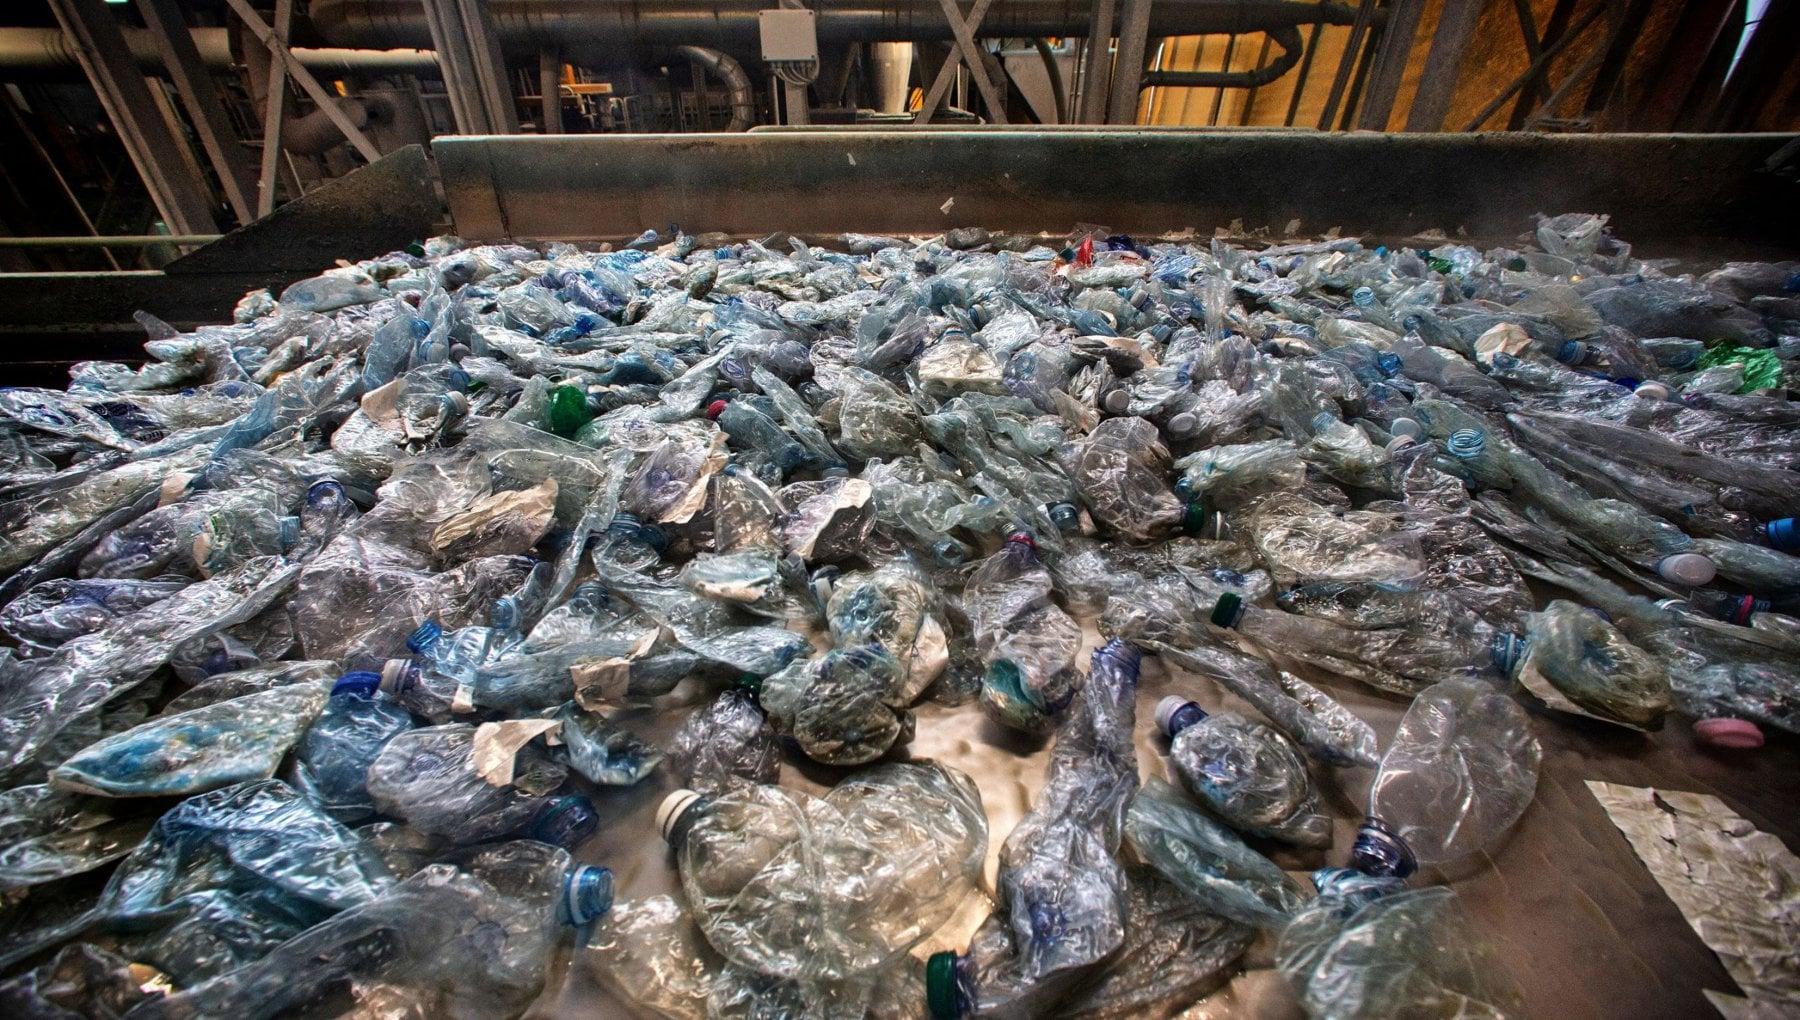 Dietrofront sui piatti e bicchieri di carta non sono al 100 per cento biodegradabili in arrivo il divieto